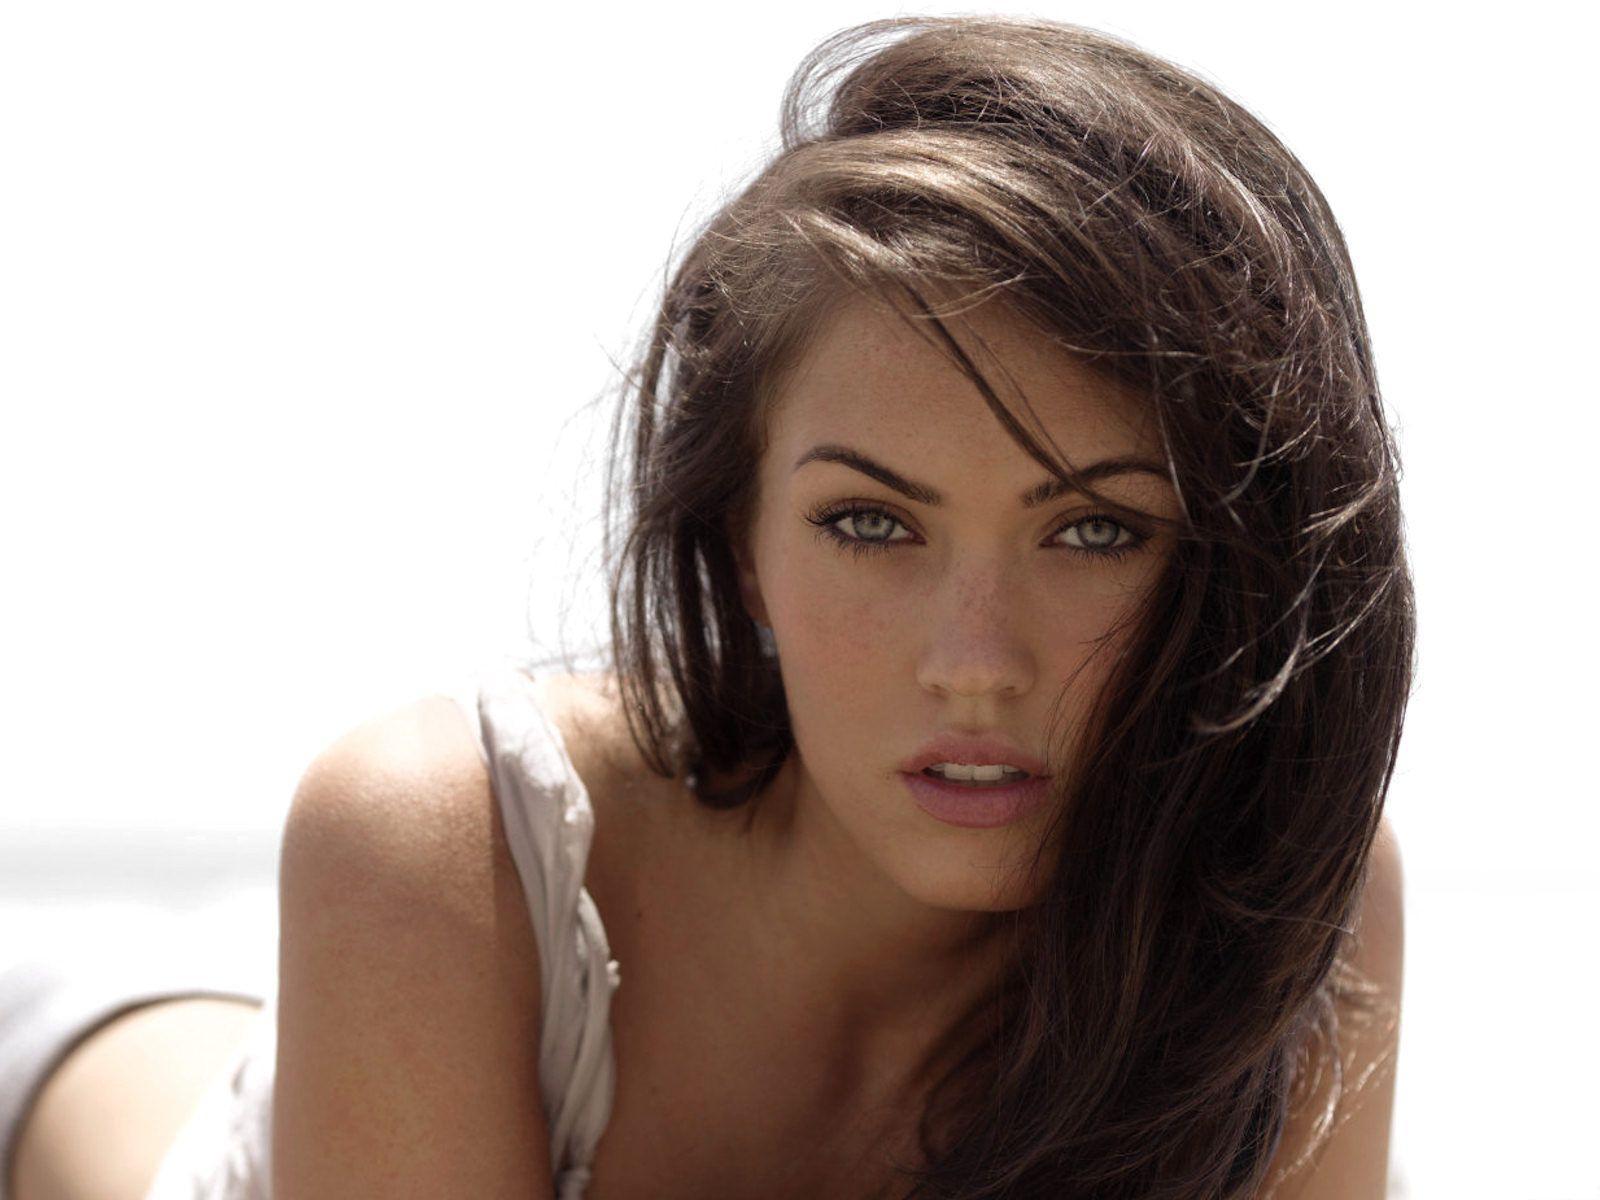 http://1.bp.blogspot.com/__ulIi81fTZM/ShaAz8Sd0EI/AAAAAAAAACU/xGlcmwZKwko/s1600/Megan_Fox__25.jpg